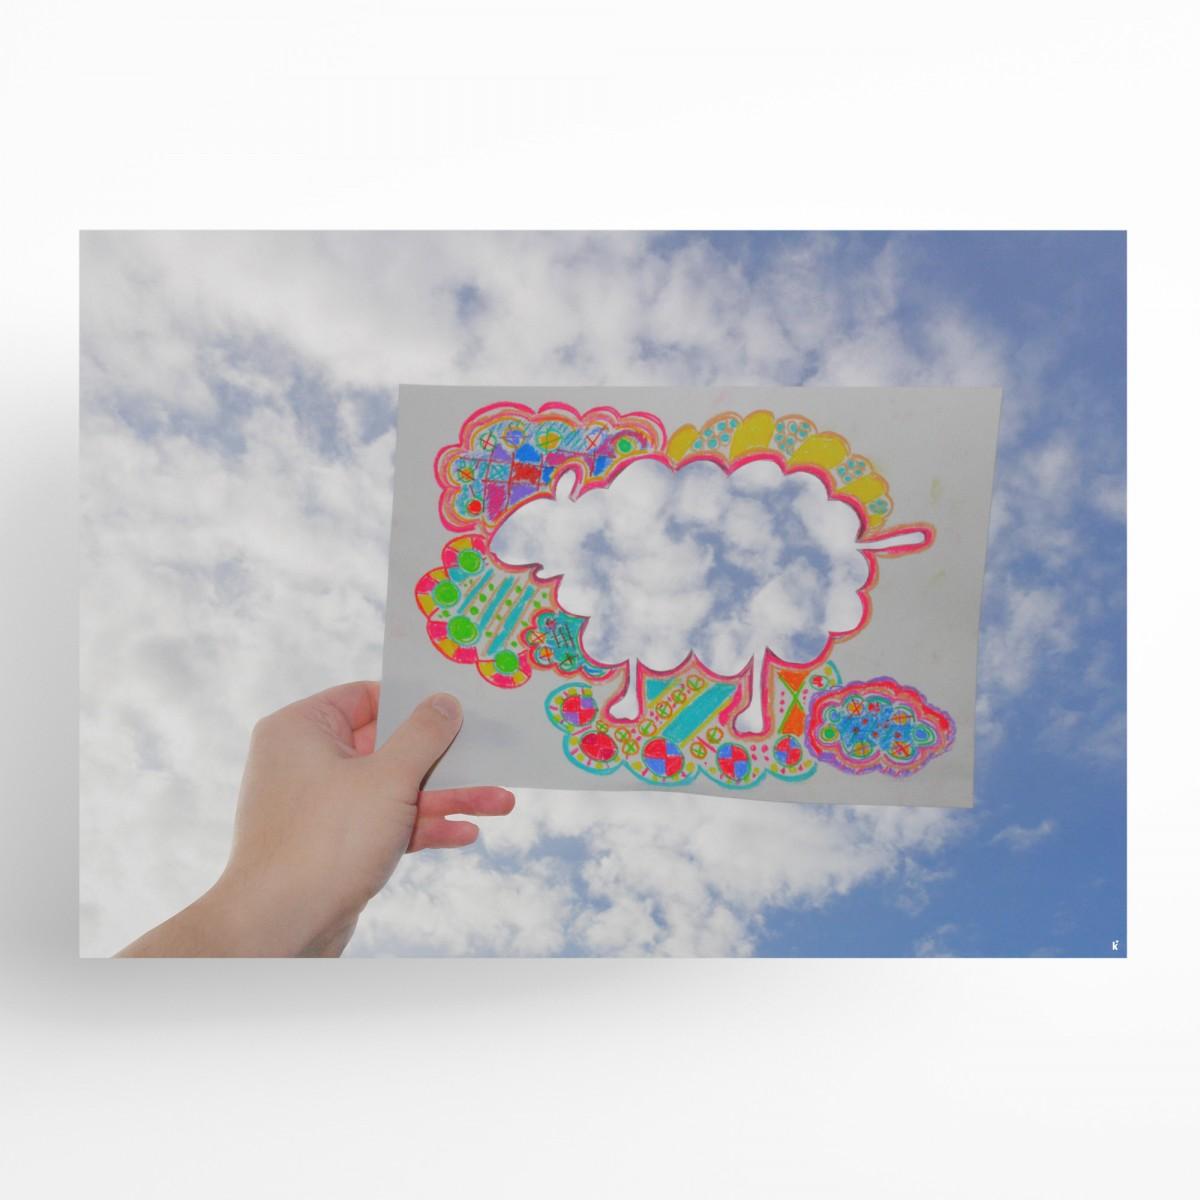 künstlerherz' bildmaschine: ‹Wolkenschaf› Plakat